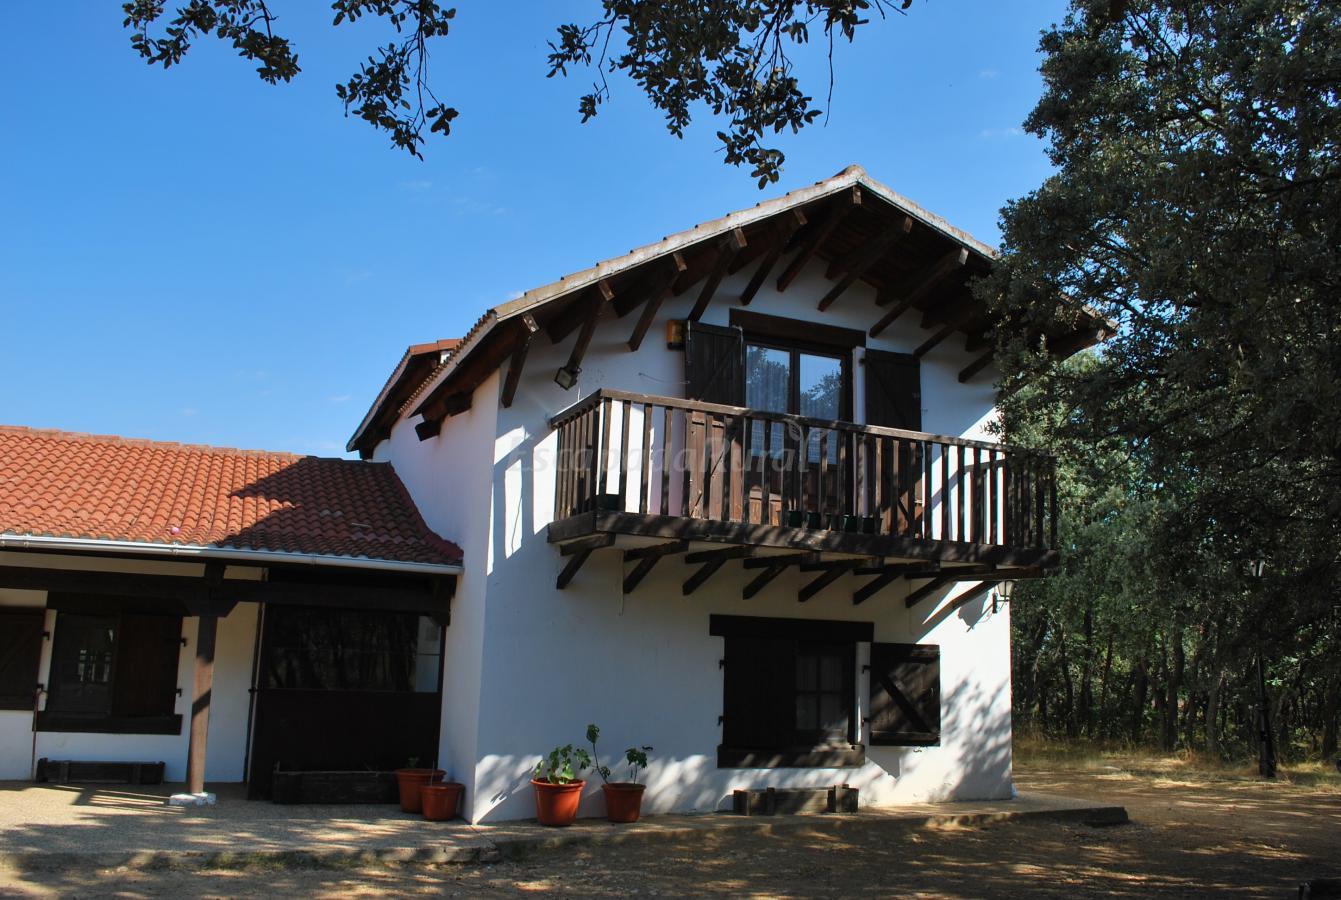 Fotos de casa de campo el bosque casa rural en fresno de cantespino segovia - Casa rural el bosque navaconcejo ...